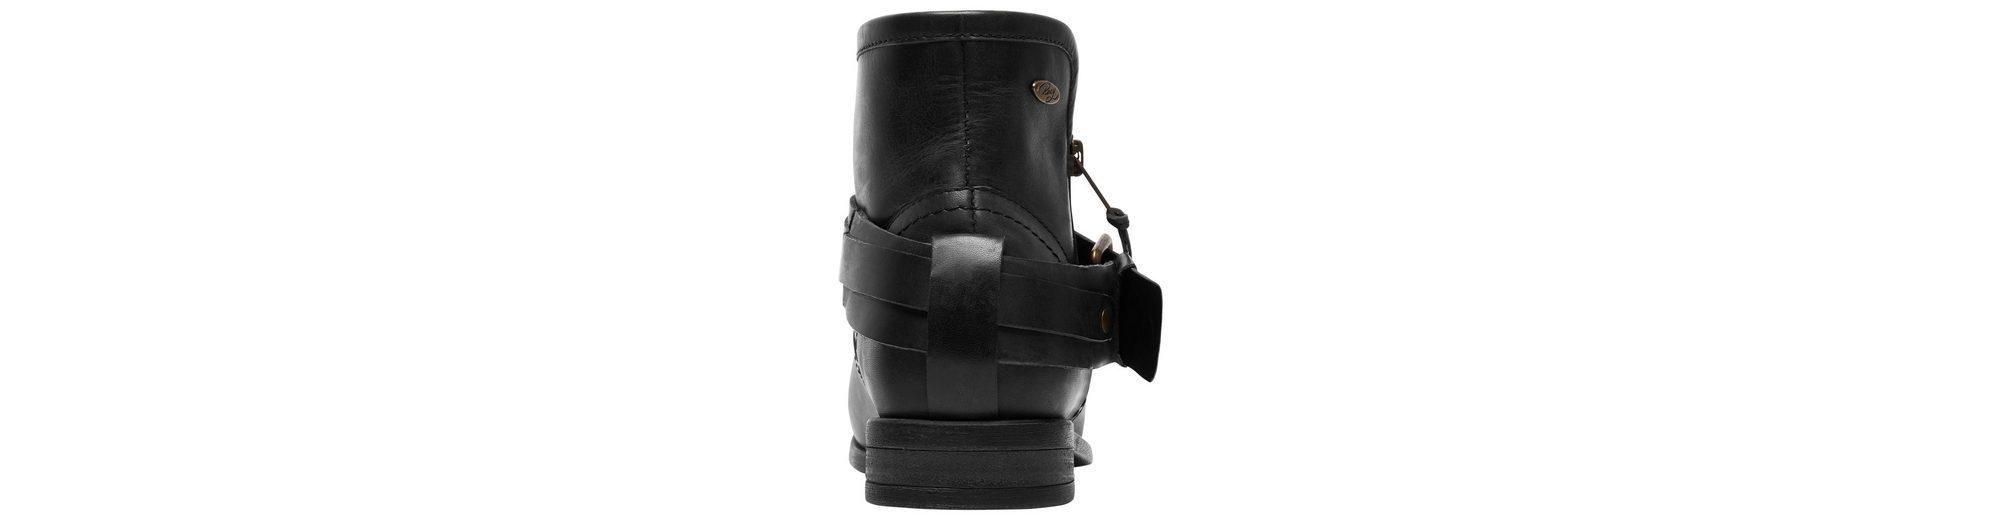 Auslass Wiki Roxy Leder Stiefeletten Castell Spielfrei Versand 2018 Rabatt Billig Verkauf Besuch Neu Footlocker Abbildungen Günstig Online IkDEVOmFK